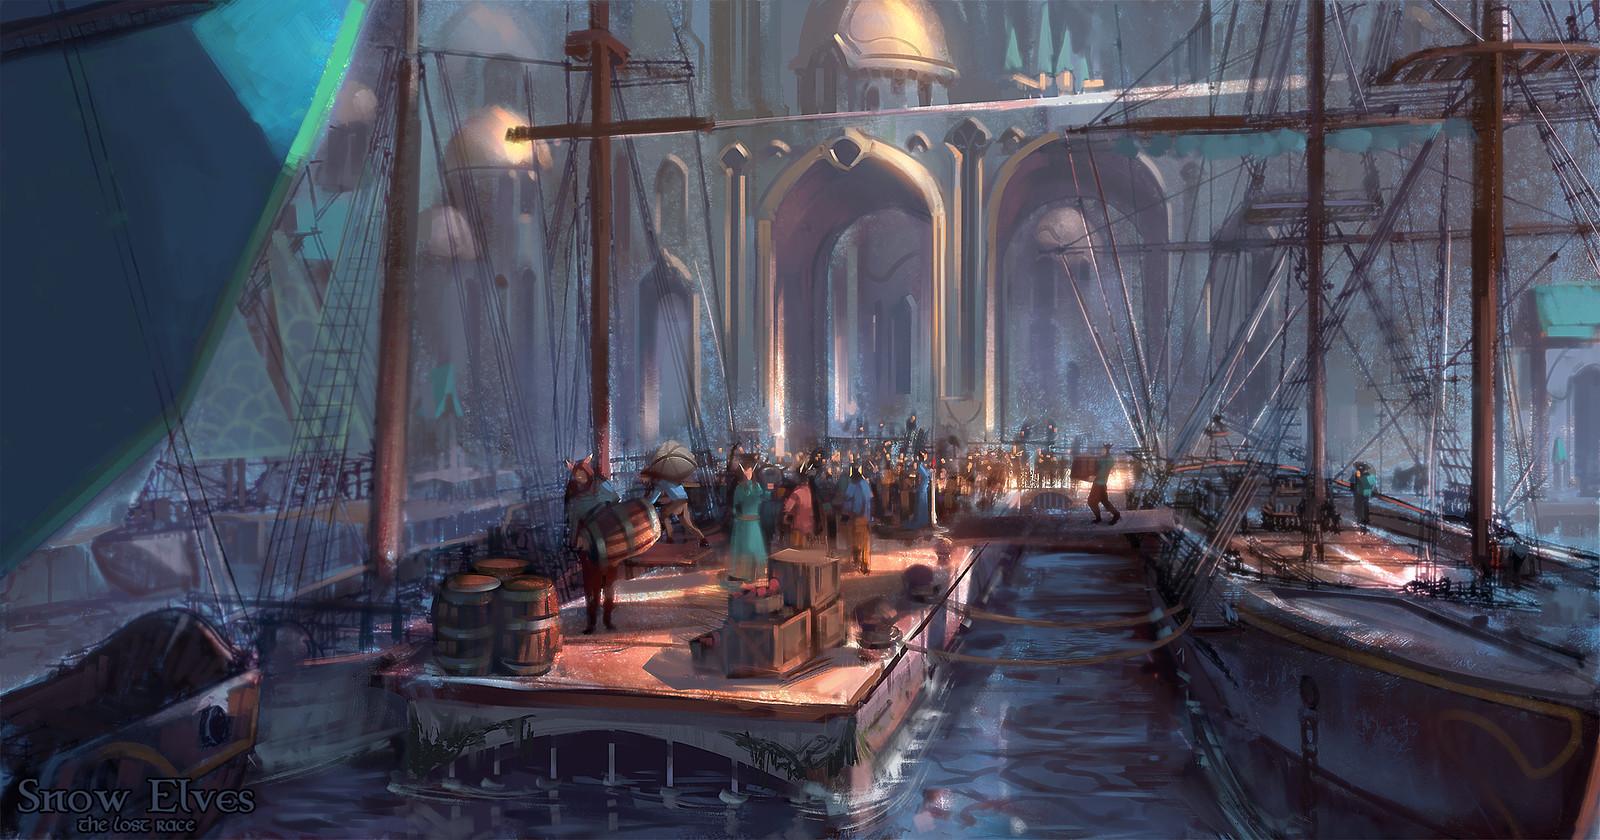 Snow Elves - Eryallon docks